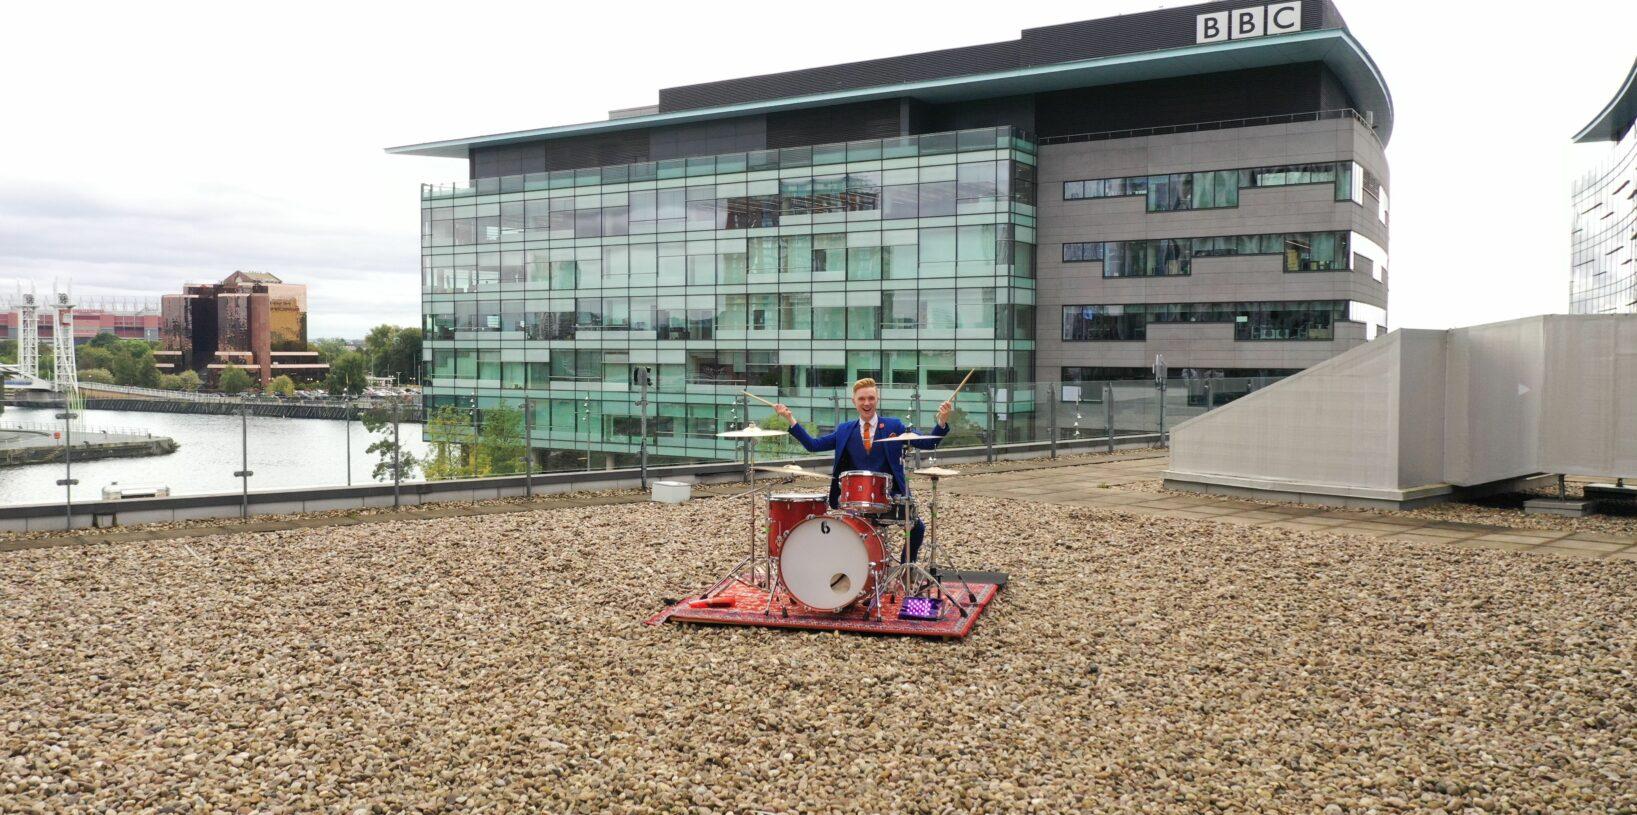 BBC Children in Need drumming challenge